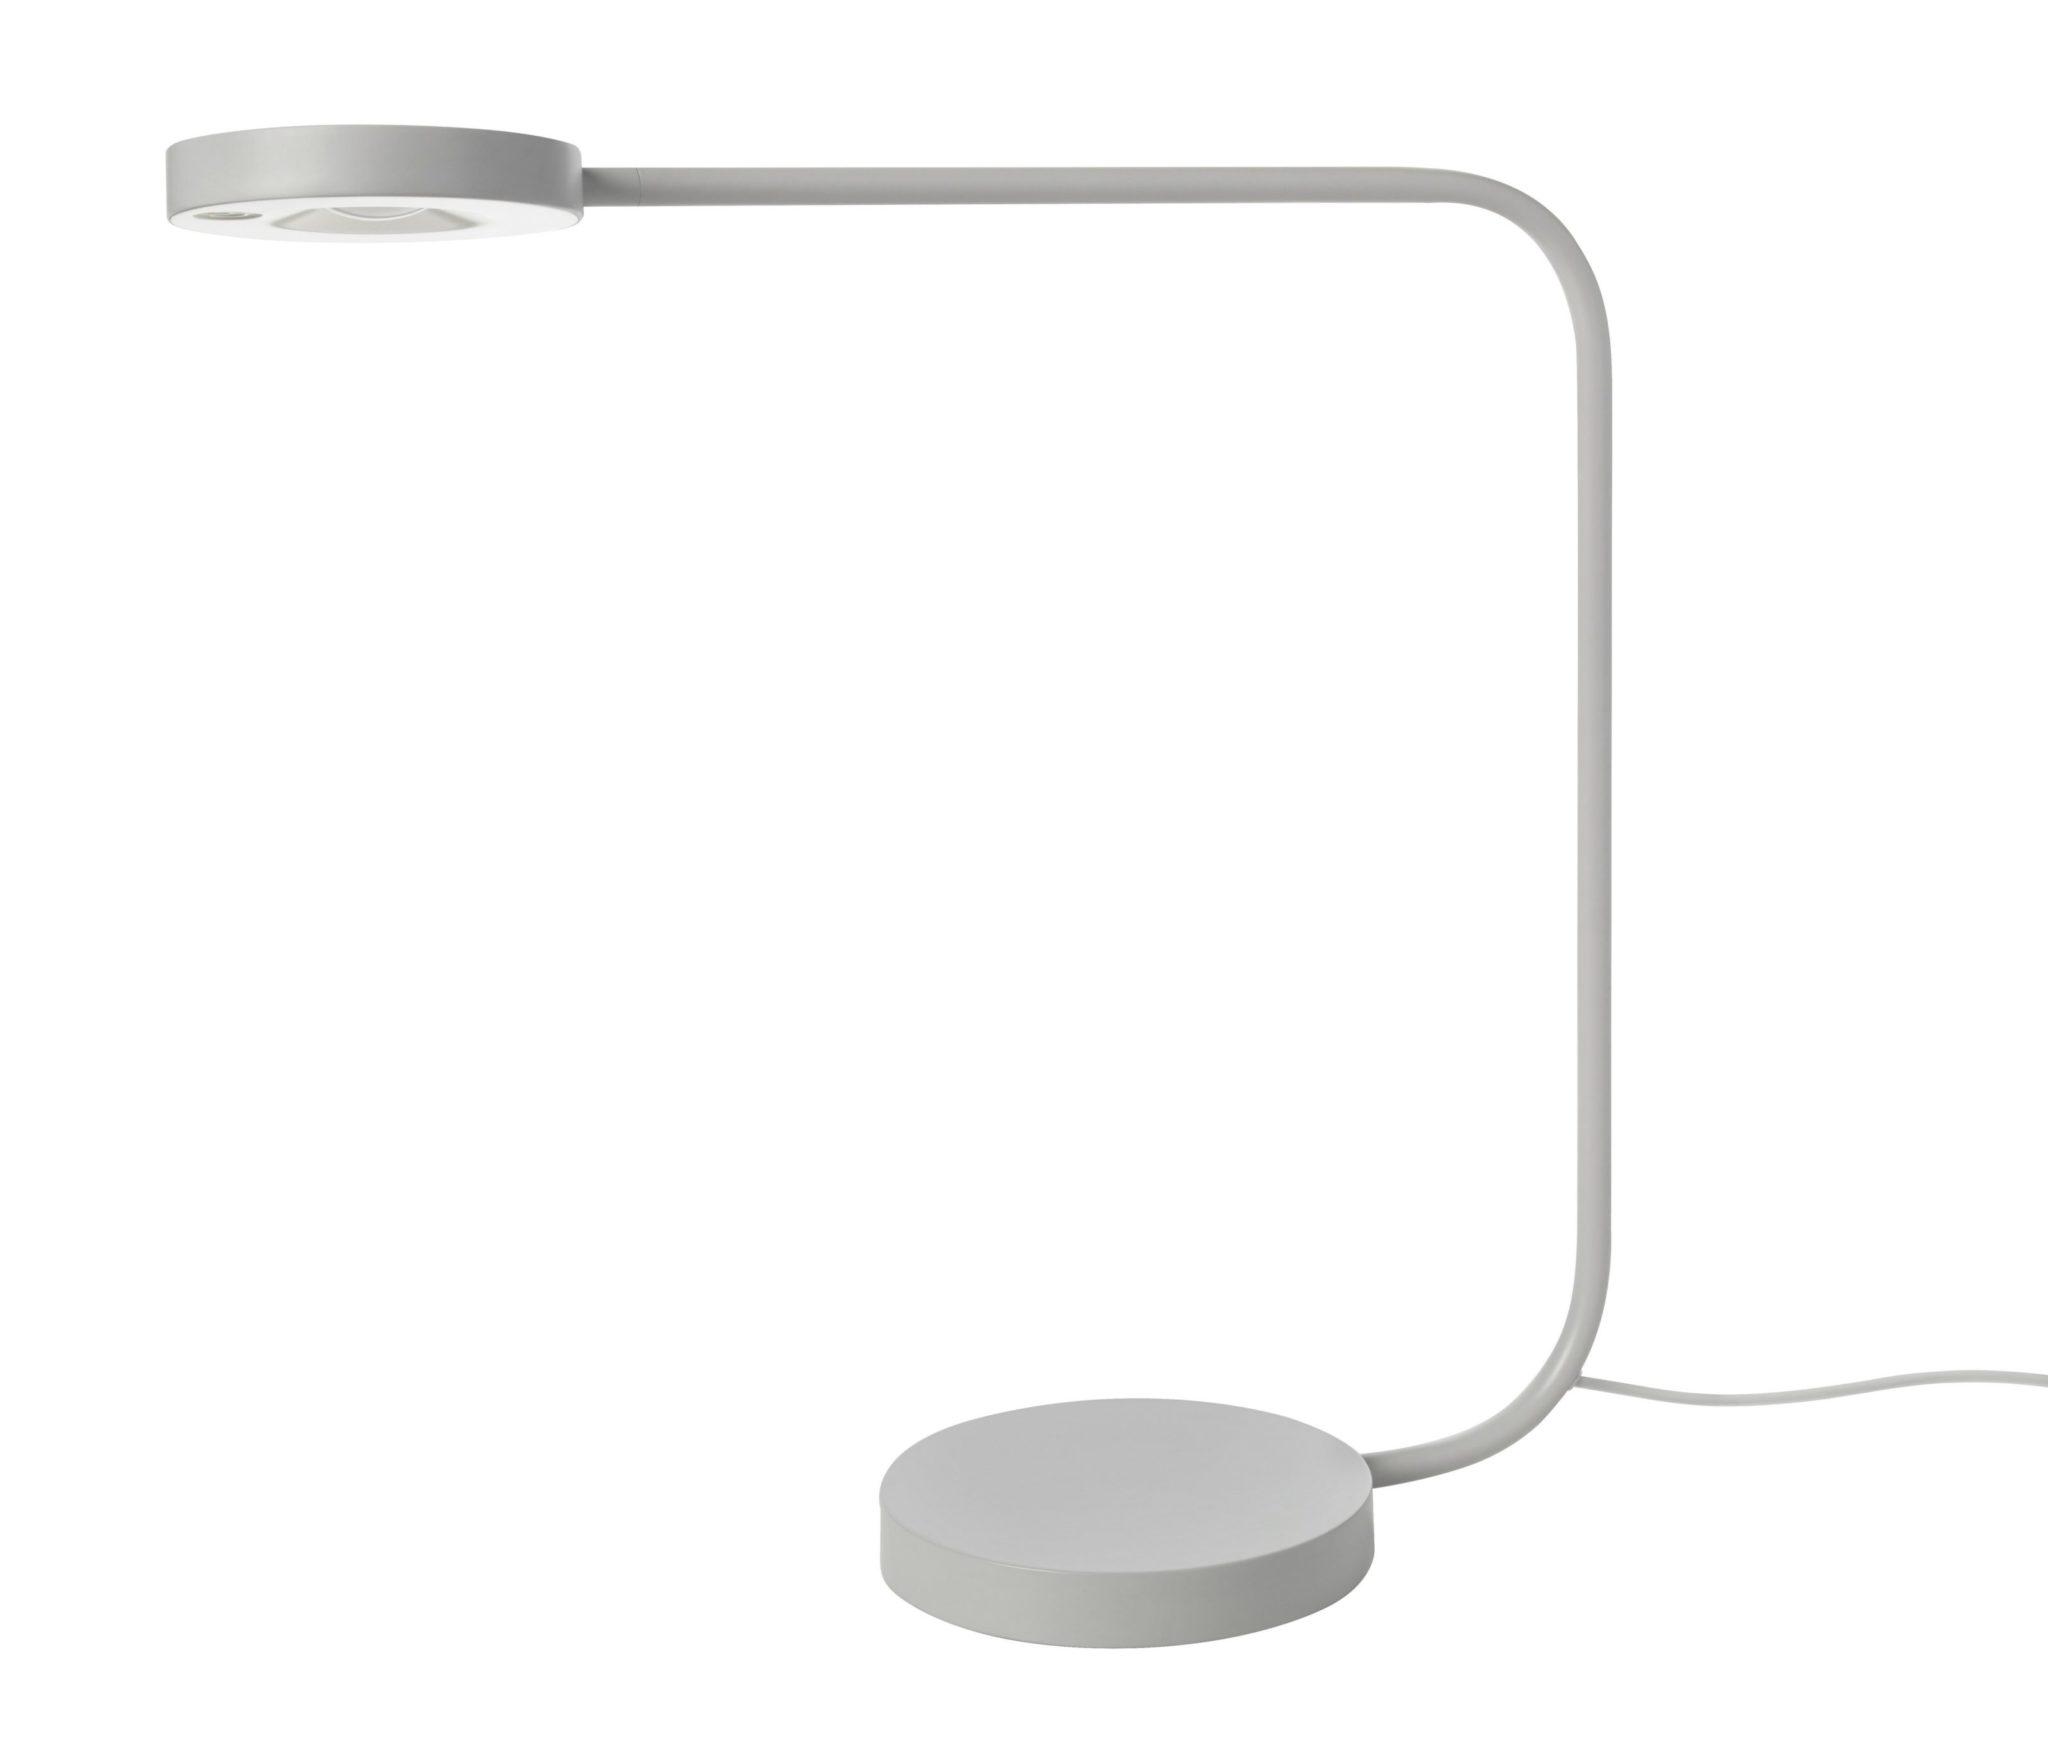 """IKEA x HAY สร้างสรรค์คอลเล็คชั่นใหม่ """"อิปเปอร์ลิก"""" เฟอร์นิเจอร์สไตล์สแกนดิเนเวีย 17 - HAY"""